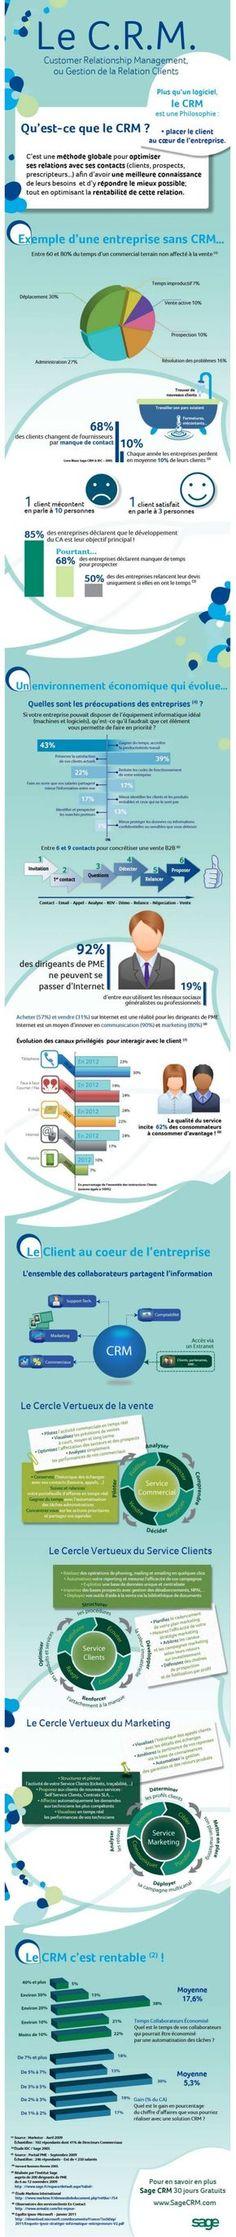 infographie : #CRM et marketing: font-ils bon ménage?